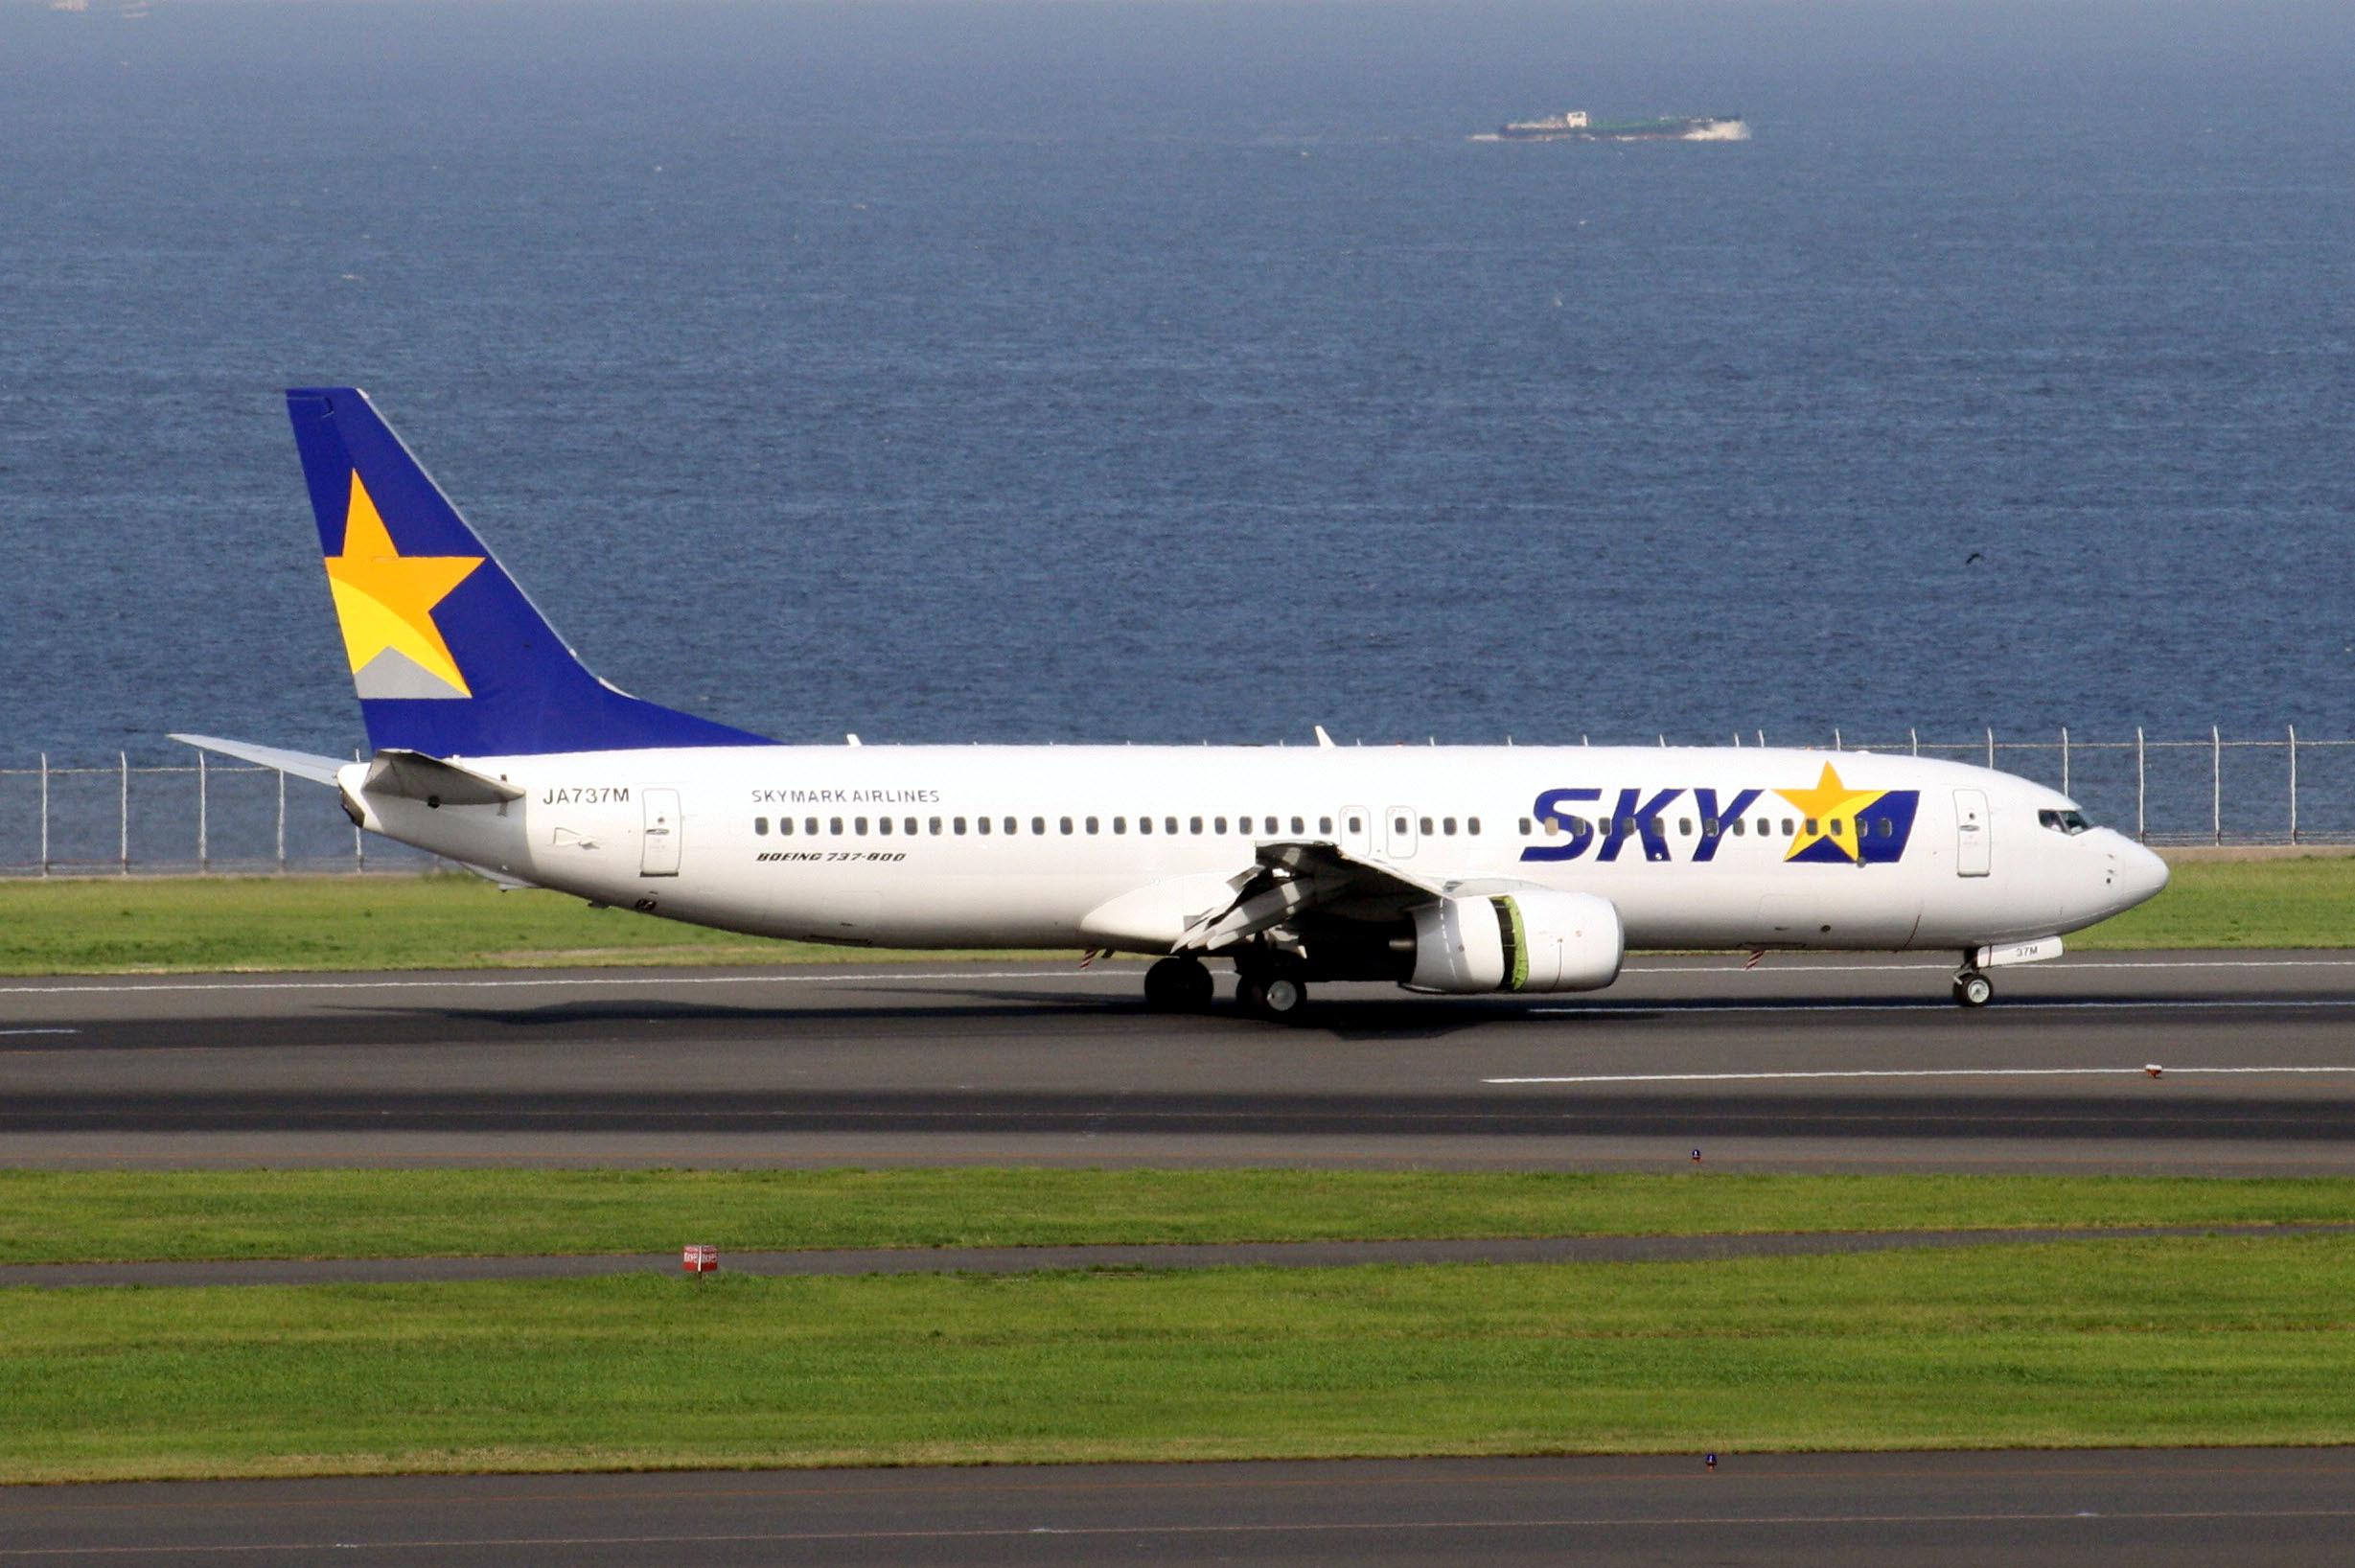 Det malaysiske lavprisflyselskab Skymark Airlines har modtaget det sidste Boeing 737NG-fly fra Boeing-fabrikken. Foto: Shacho0822